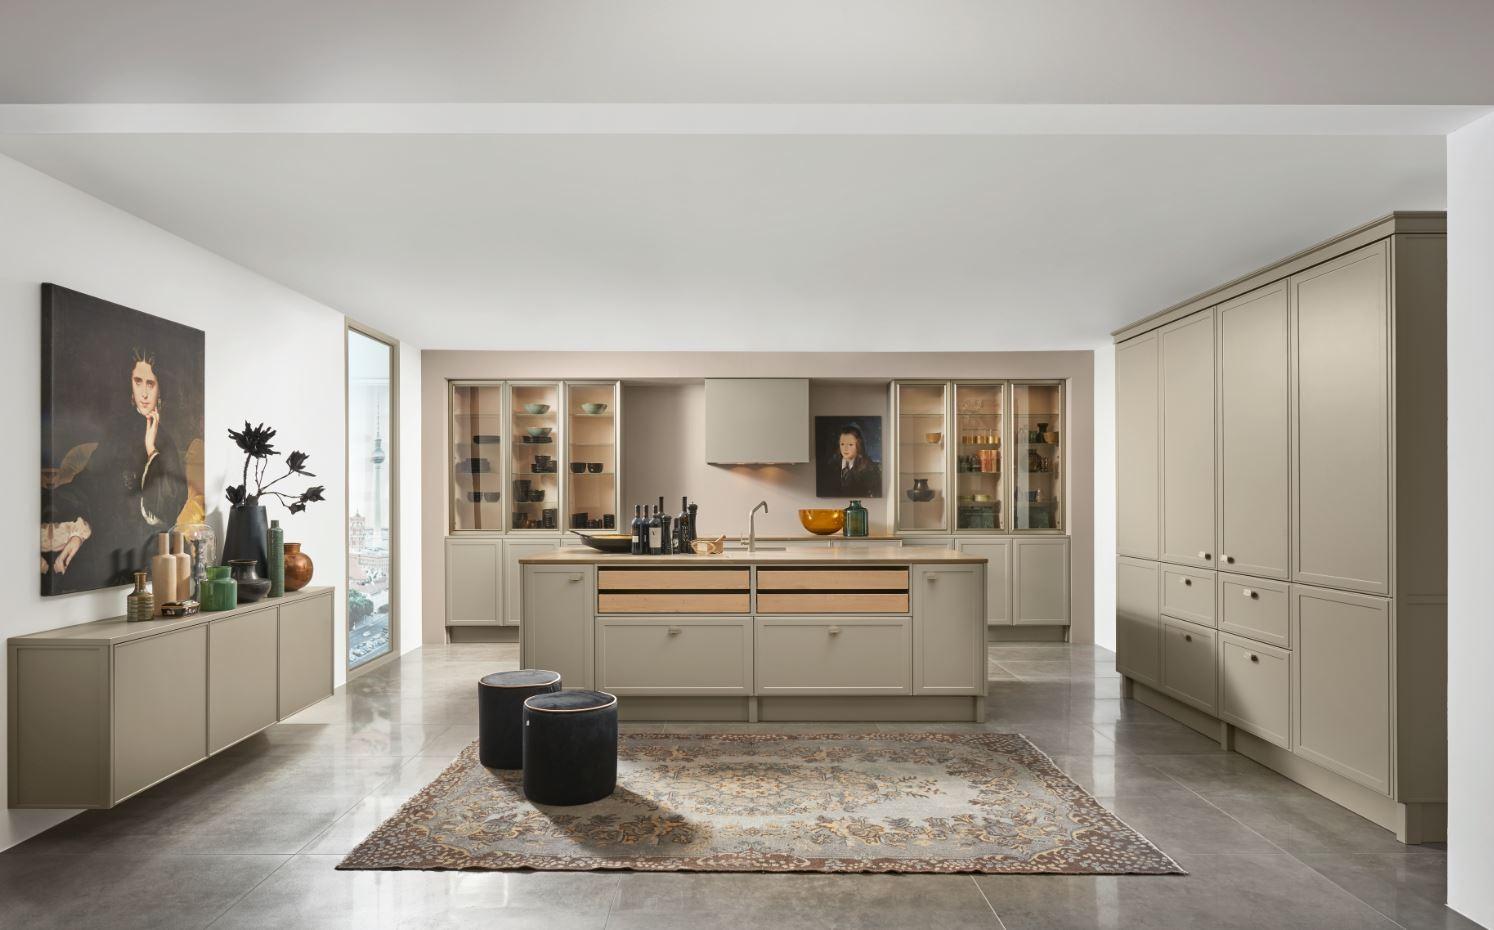 Full Size of Küche Nolte Schublade Ausbauen Rolladenschrank Küche Nolte Küche Nolte Manhattan Küche Nolte Windsor Küche Küche Nolte